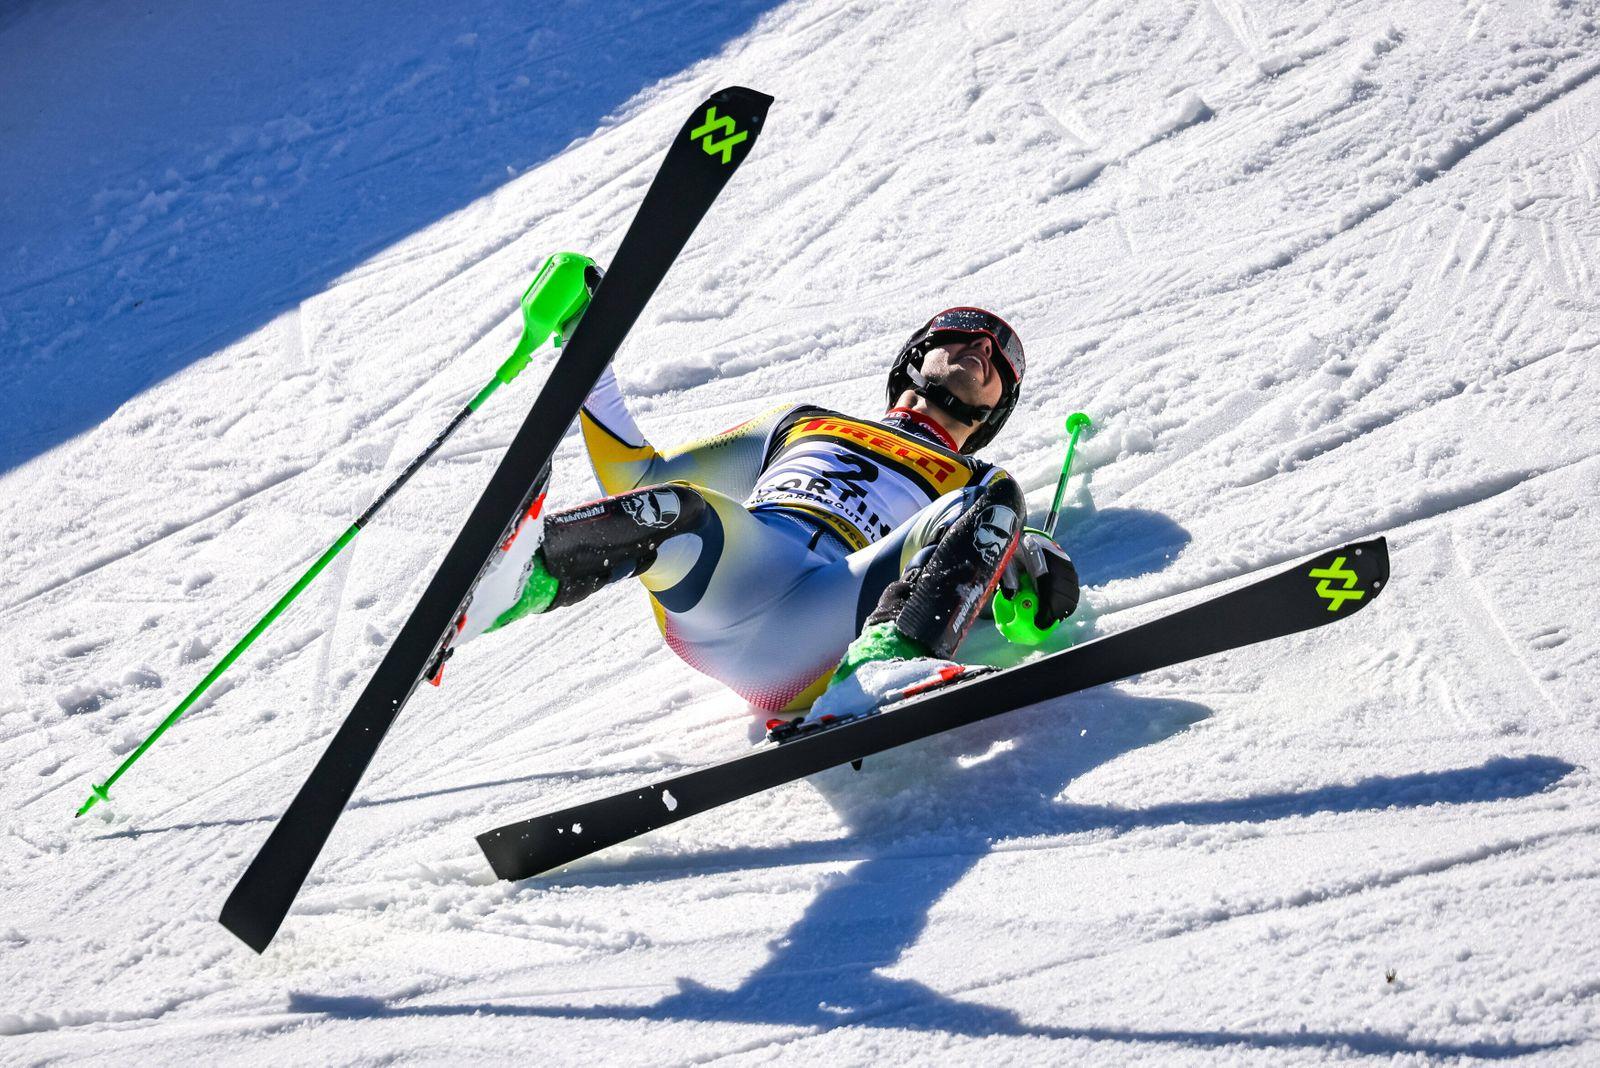 21.02.2021, Cortina, ITA, FIS Weltmeisterschaften Ski Alpin, Slalom, Herren, 2. Lauf, im Bild Goldmedaillen Gewinner un